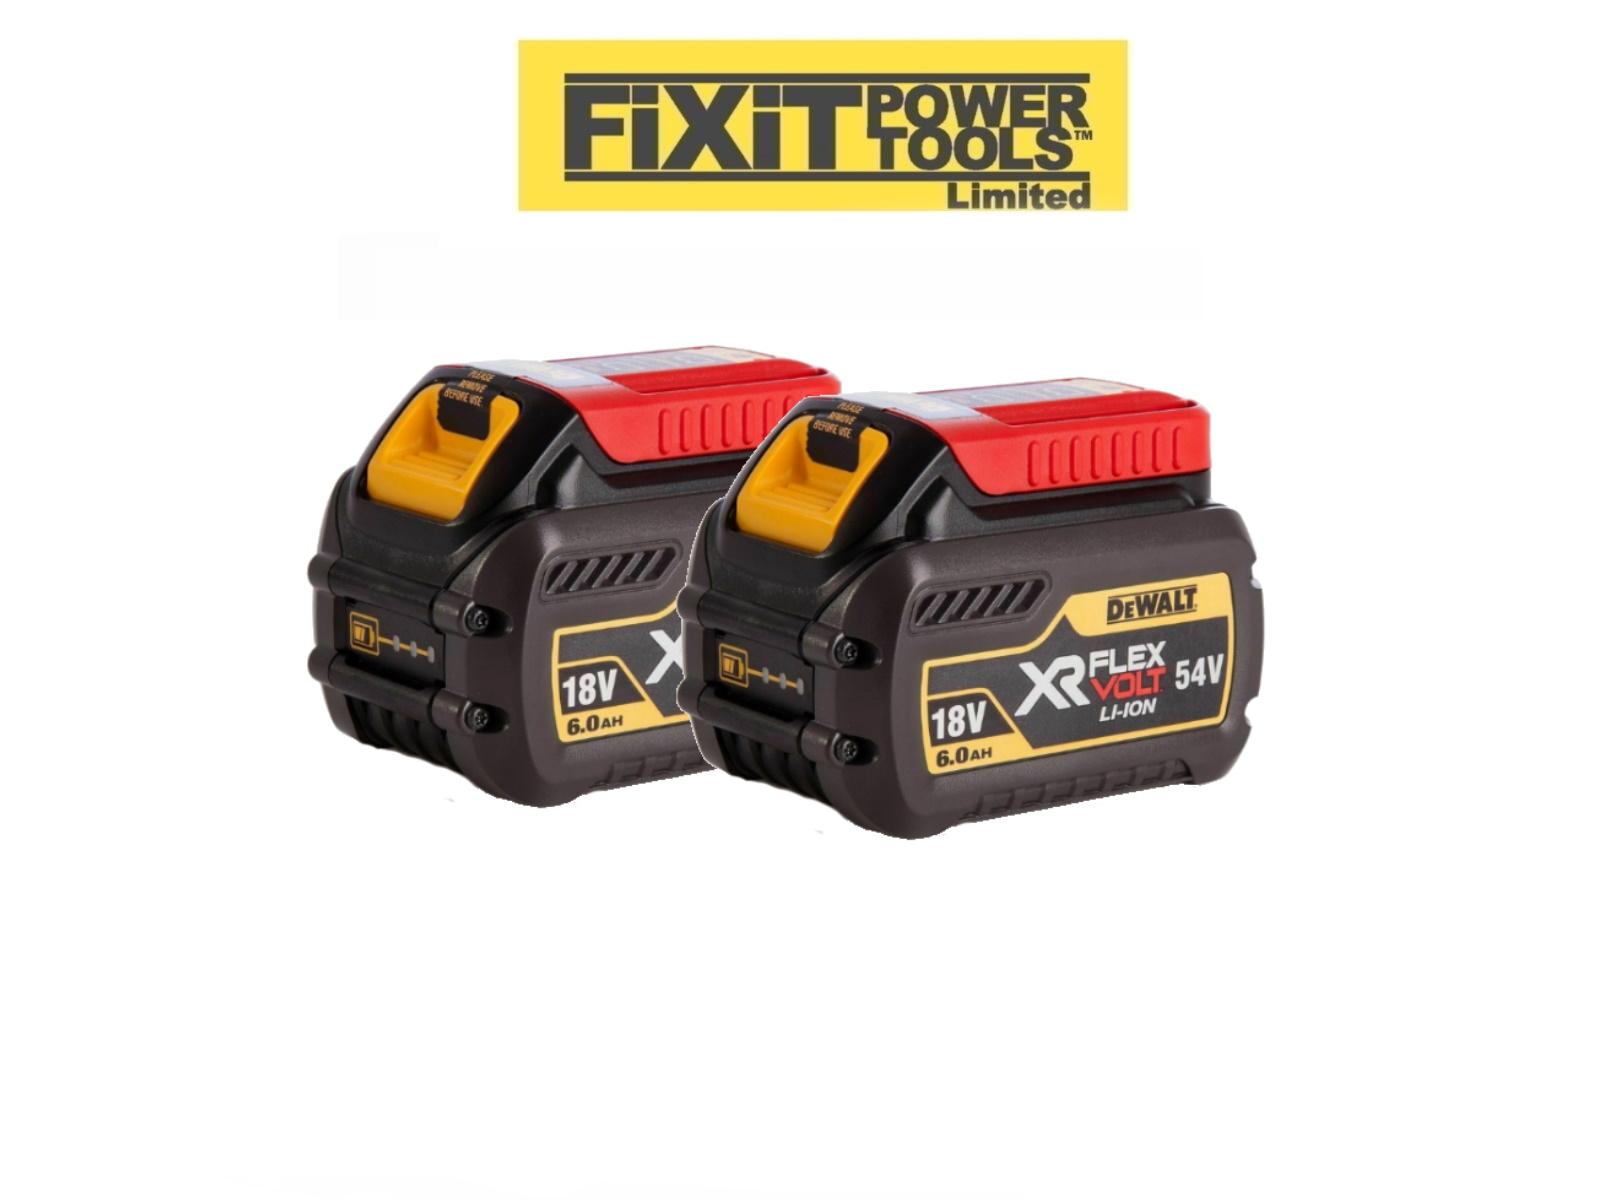 DeWalt DCB546 18V//54V 6.0Ah Li-ion FlexVolt XR Slide Battery Twin Pack